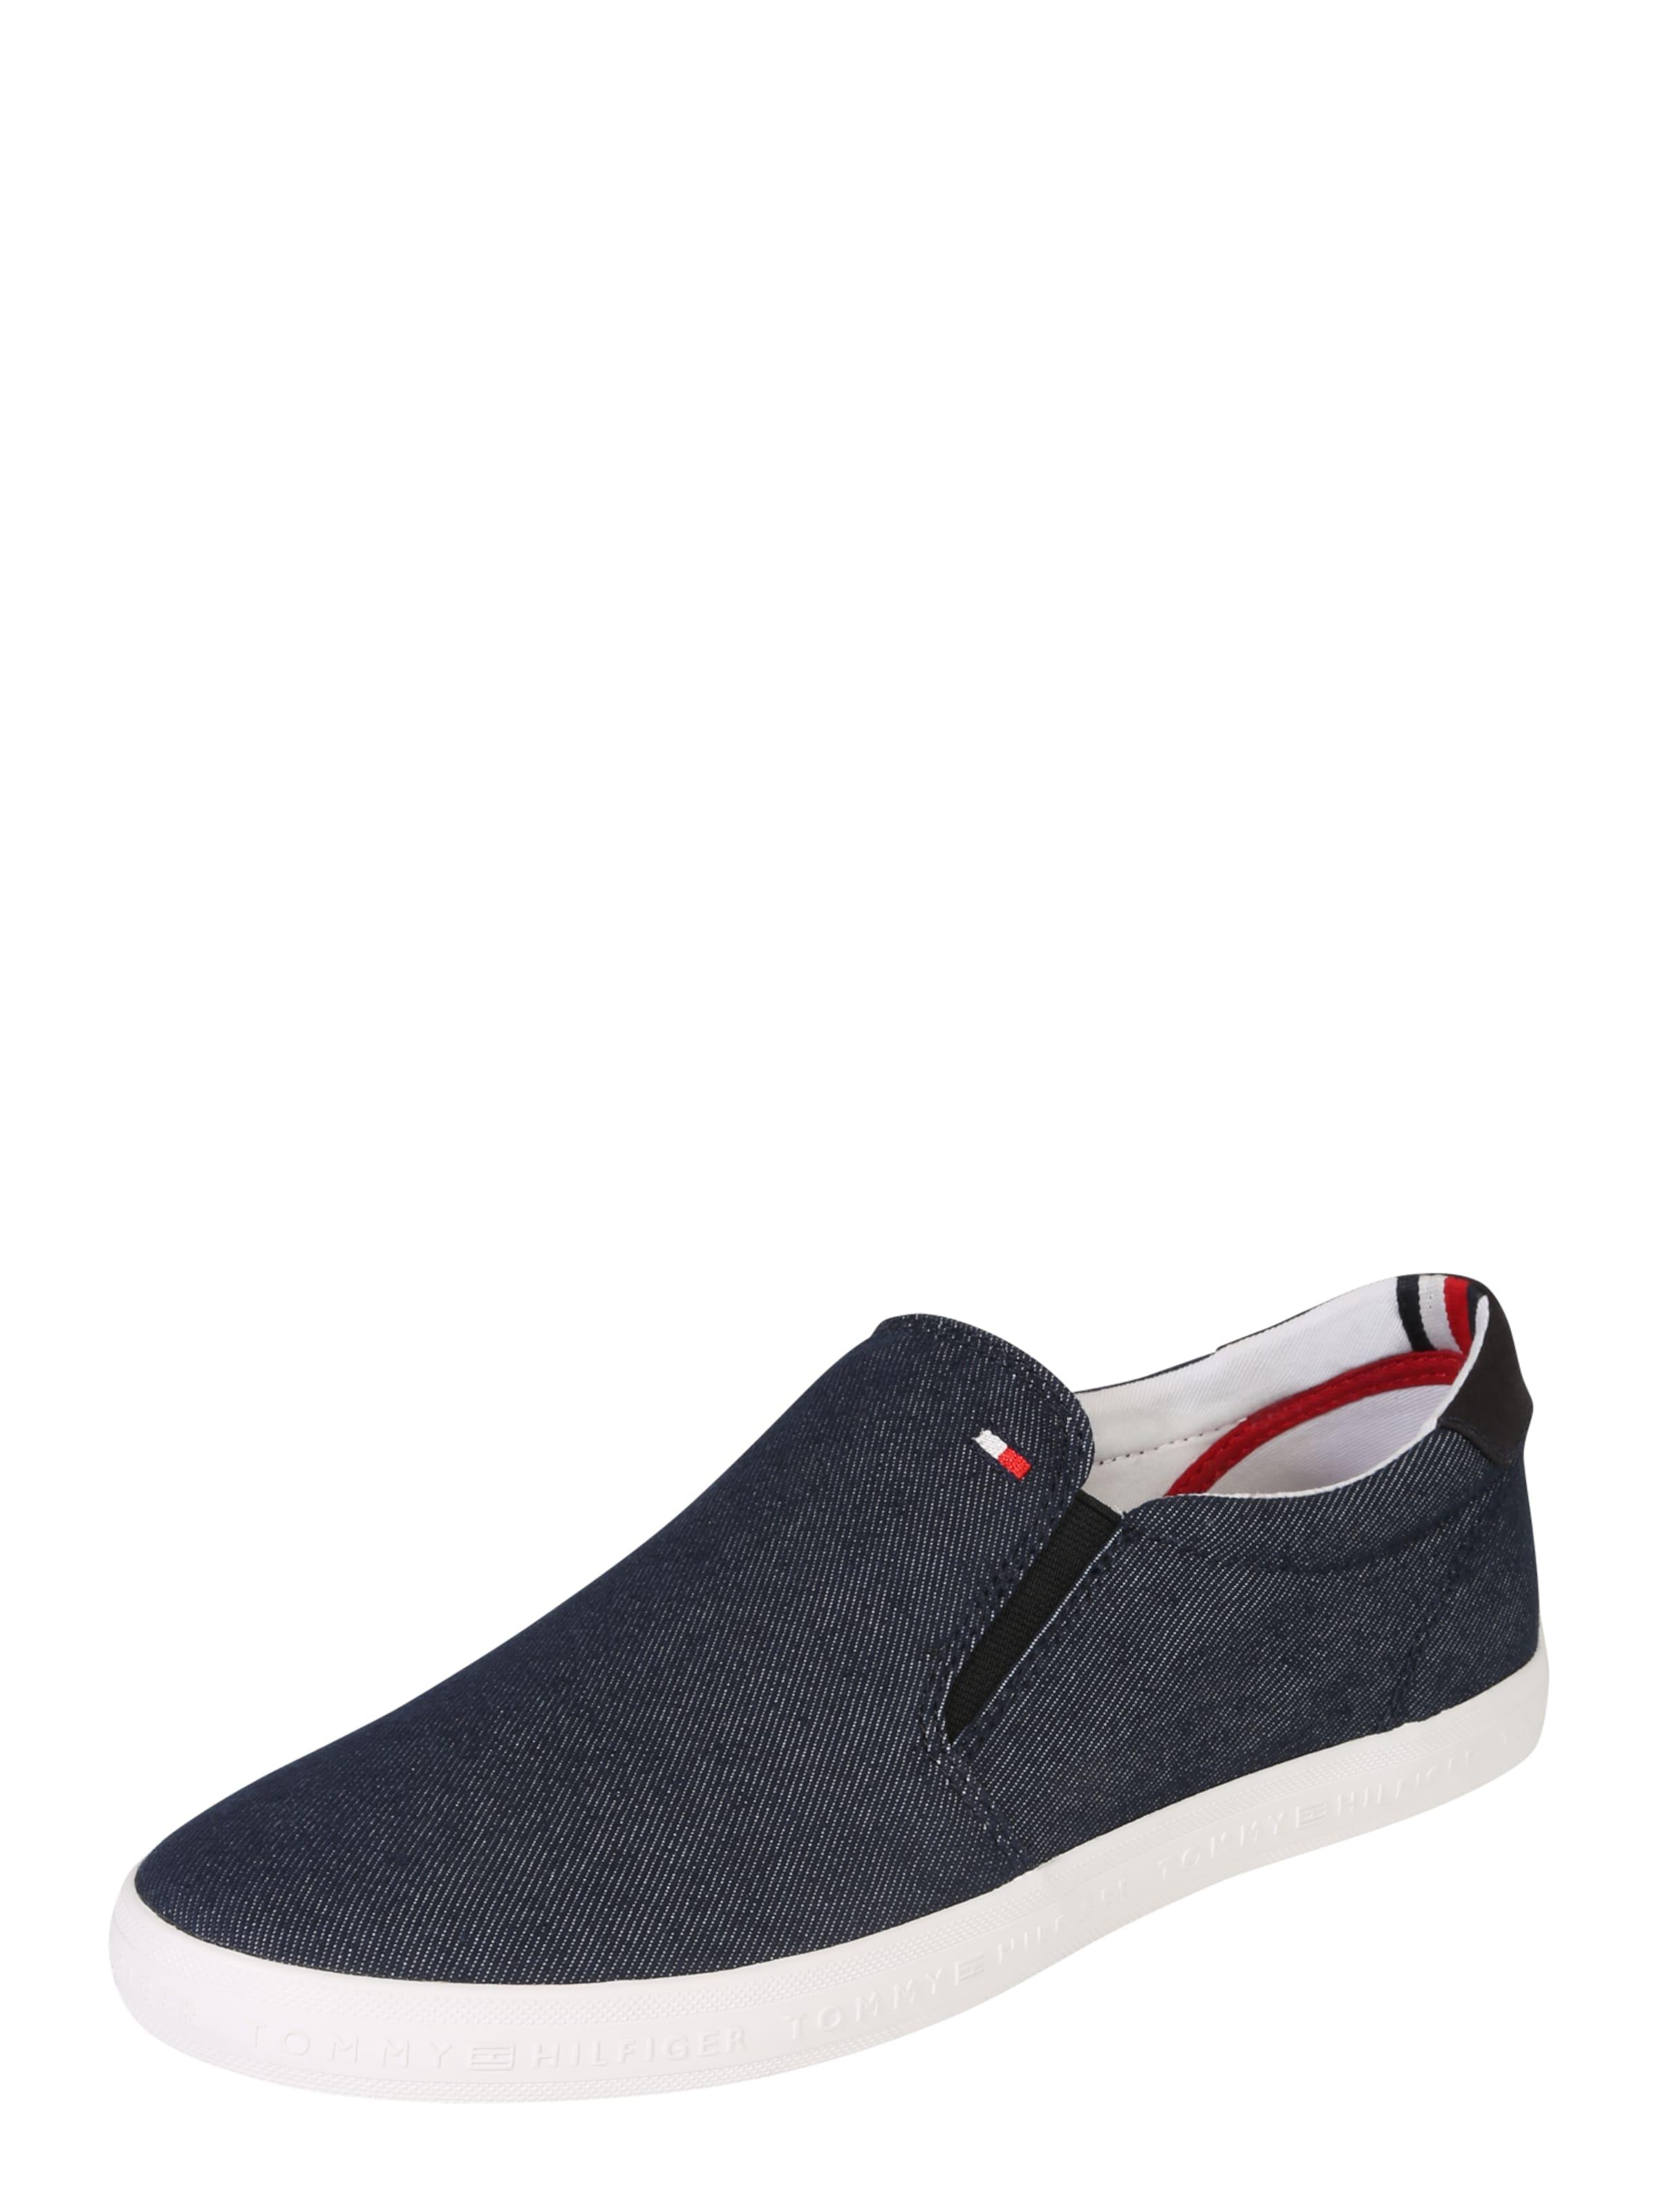 Haltbare Mode Schuhe billige Schuhe TOMMY HILFIGER | Slipper Schuhe Mode Gut getragene Schuhe 85b4a2